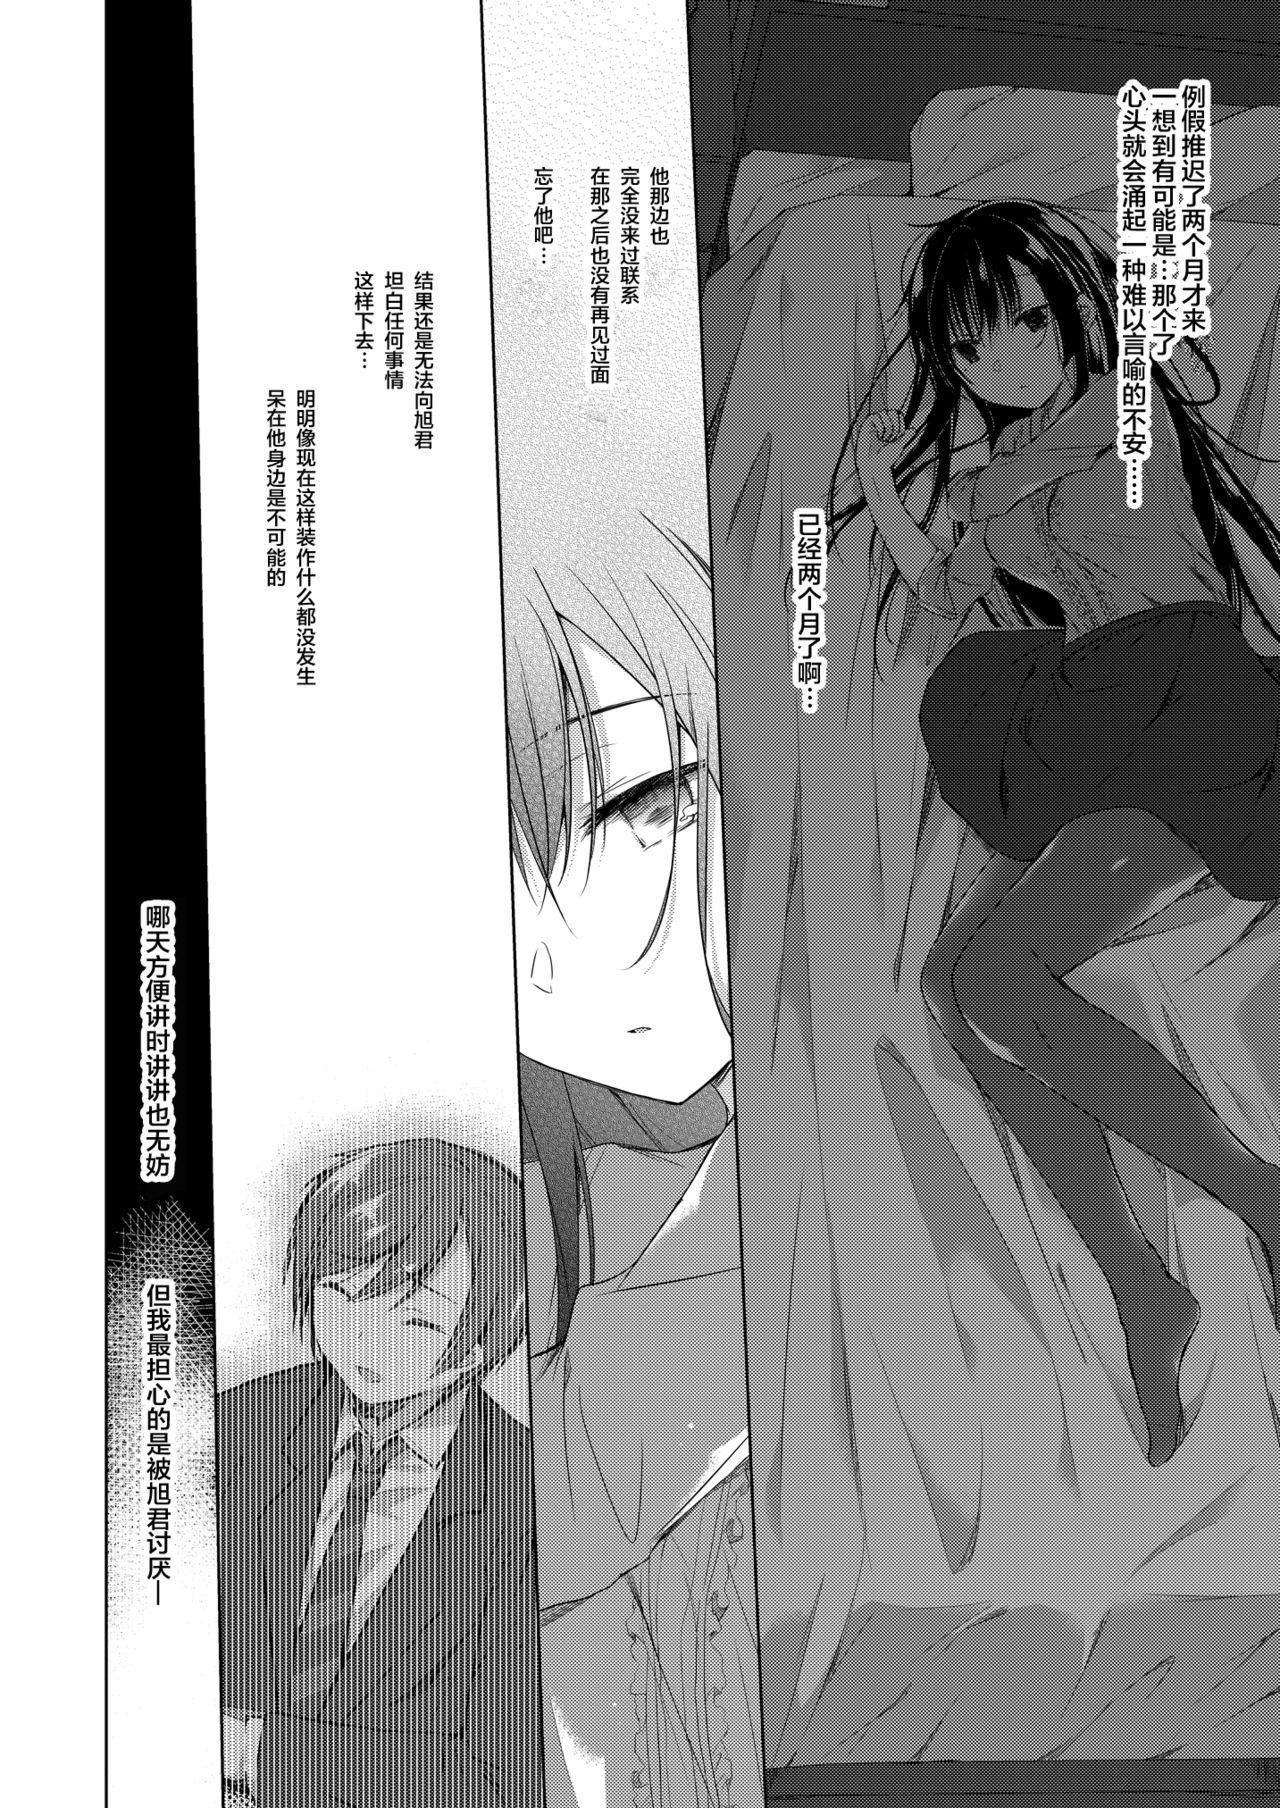 Ero Doujin Sakka no Boku no Kanojo wa Uwaki nante Shinai. 3 - She will never let me down. 11